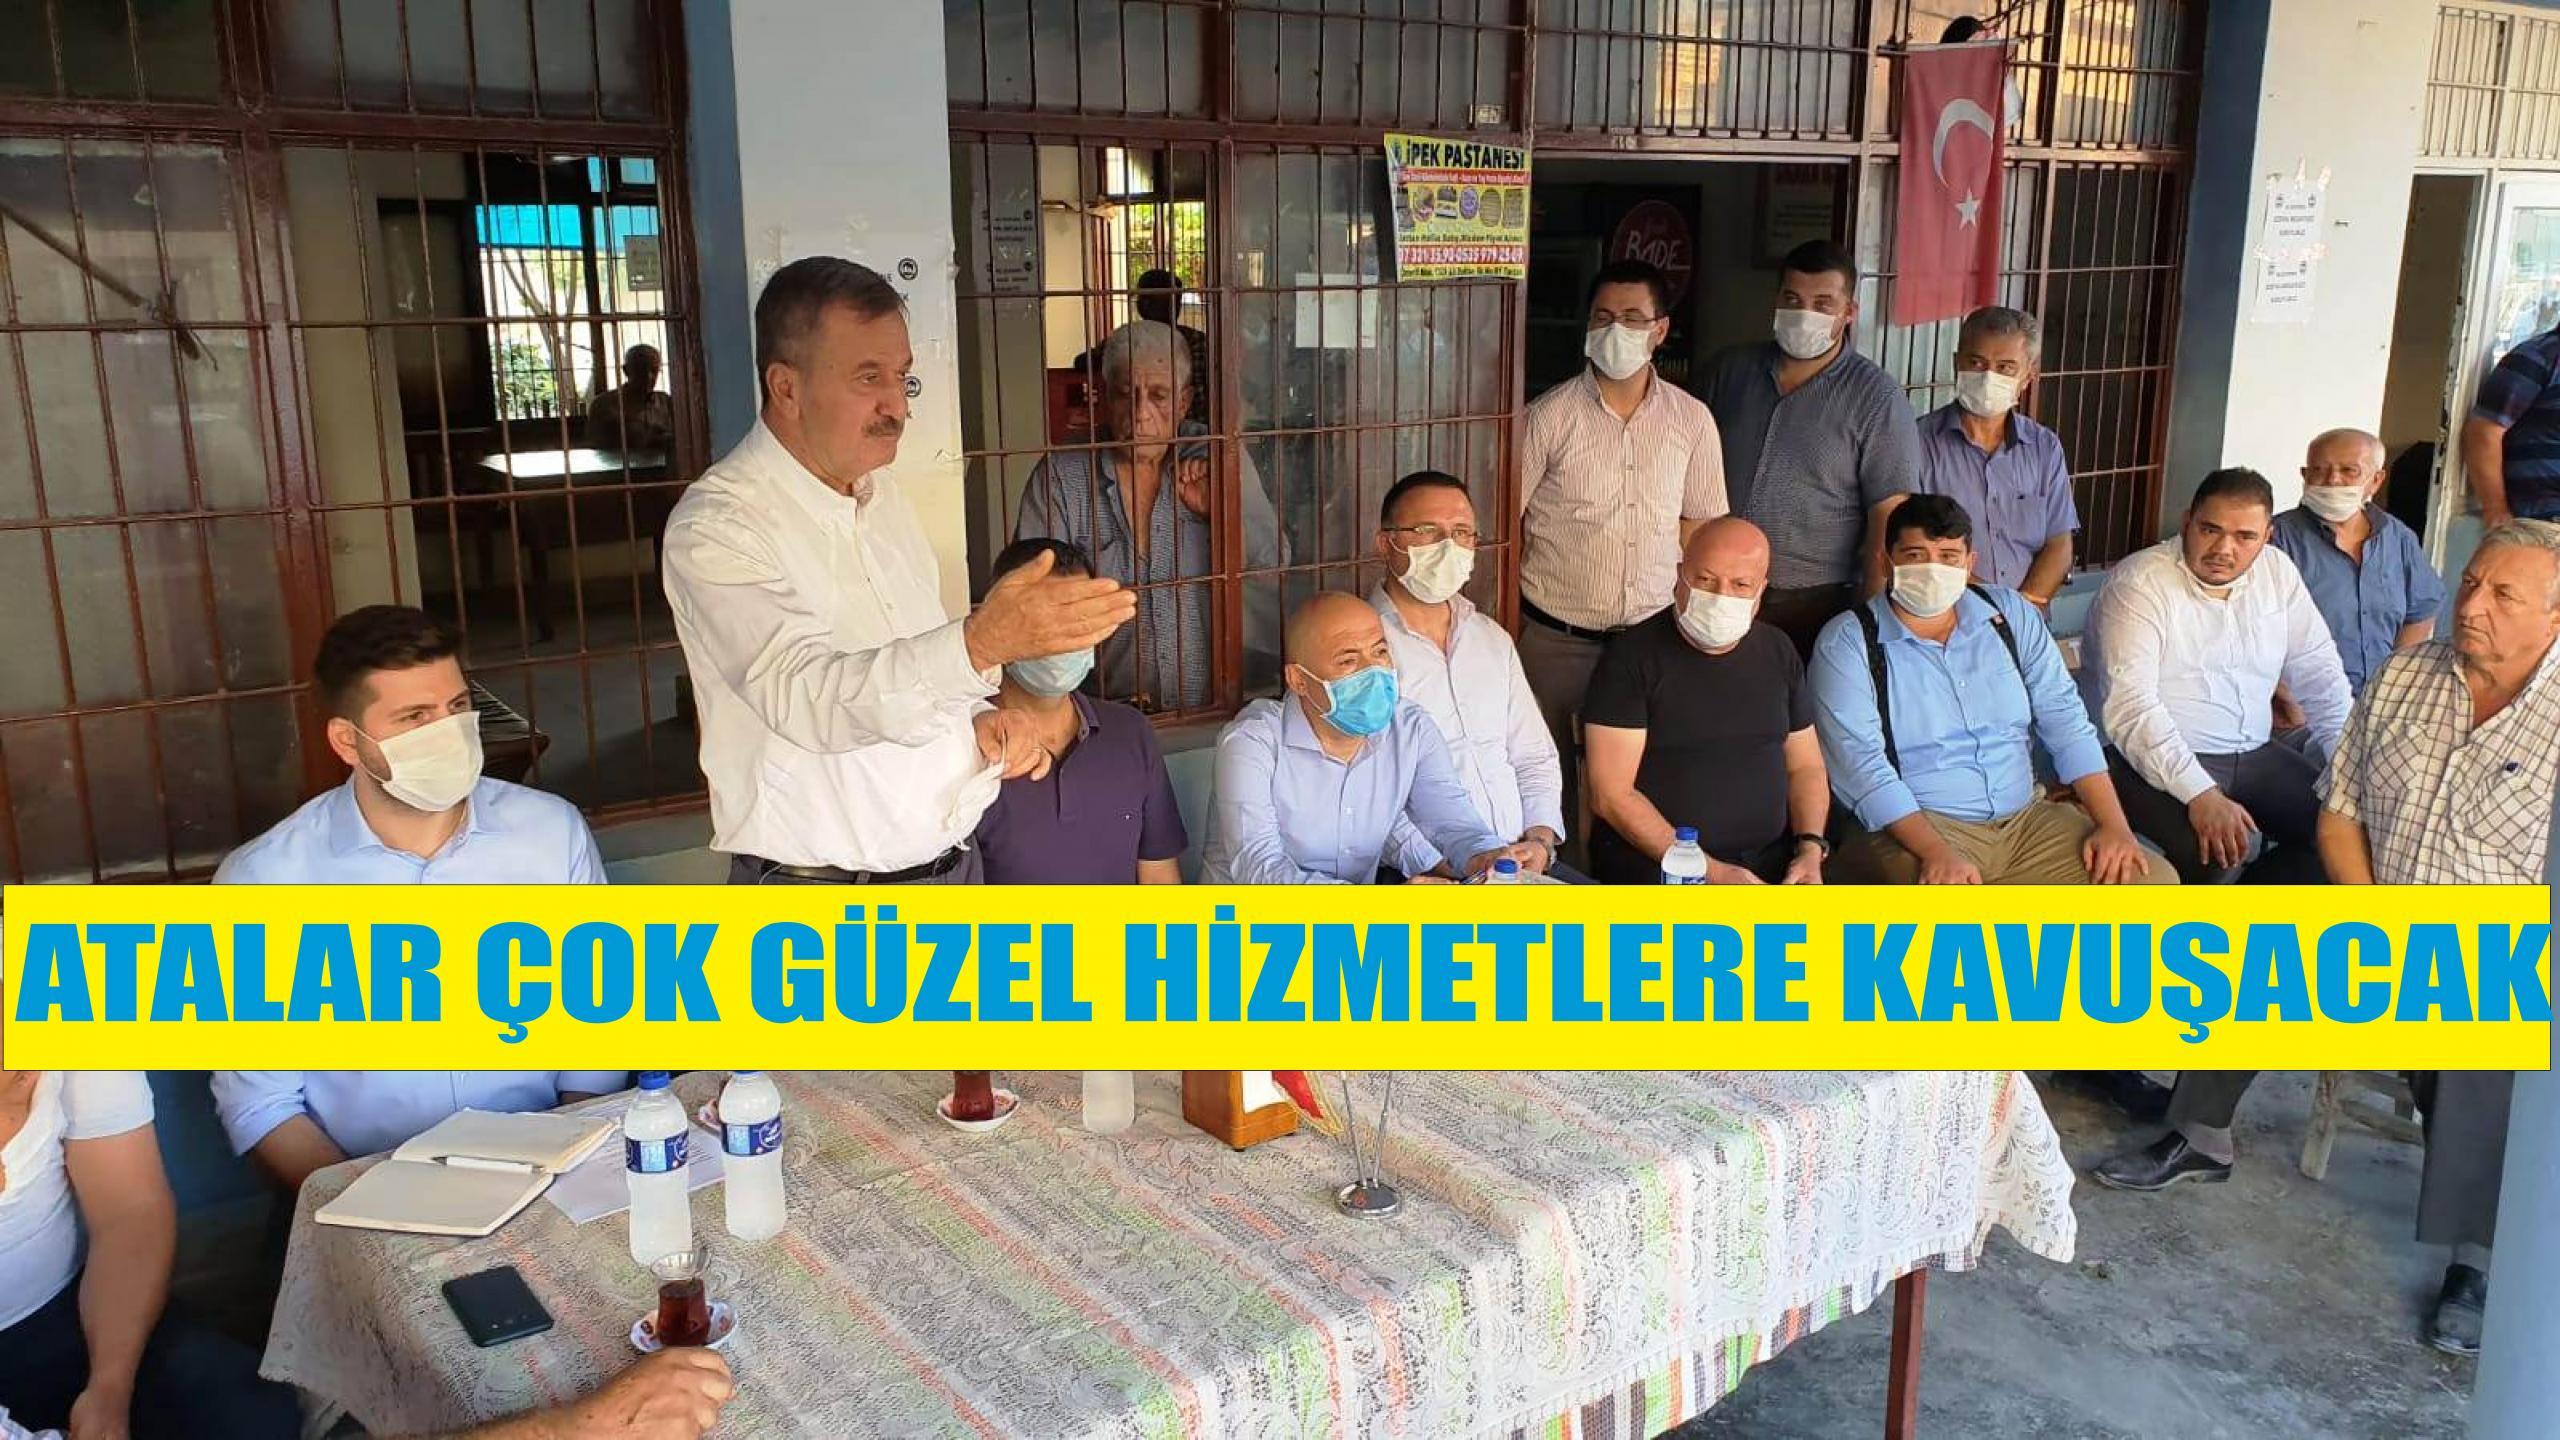 CHP'Lİ YÖNETİCİLERDEN ATALAR MAHALLESİ'NE ZİYARET